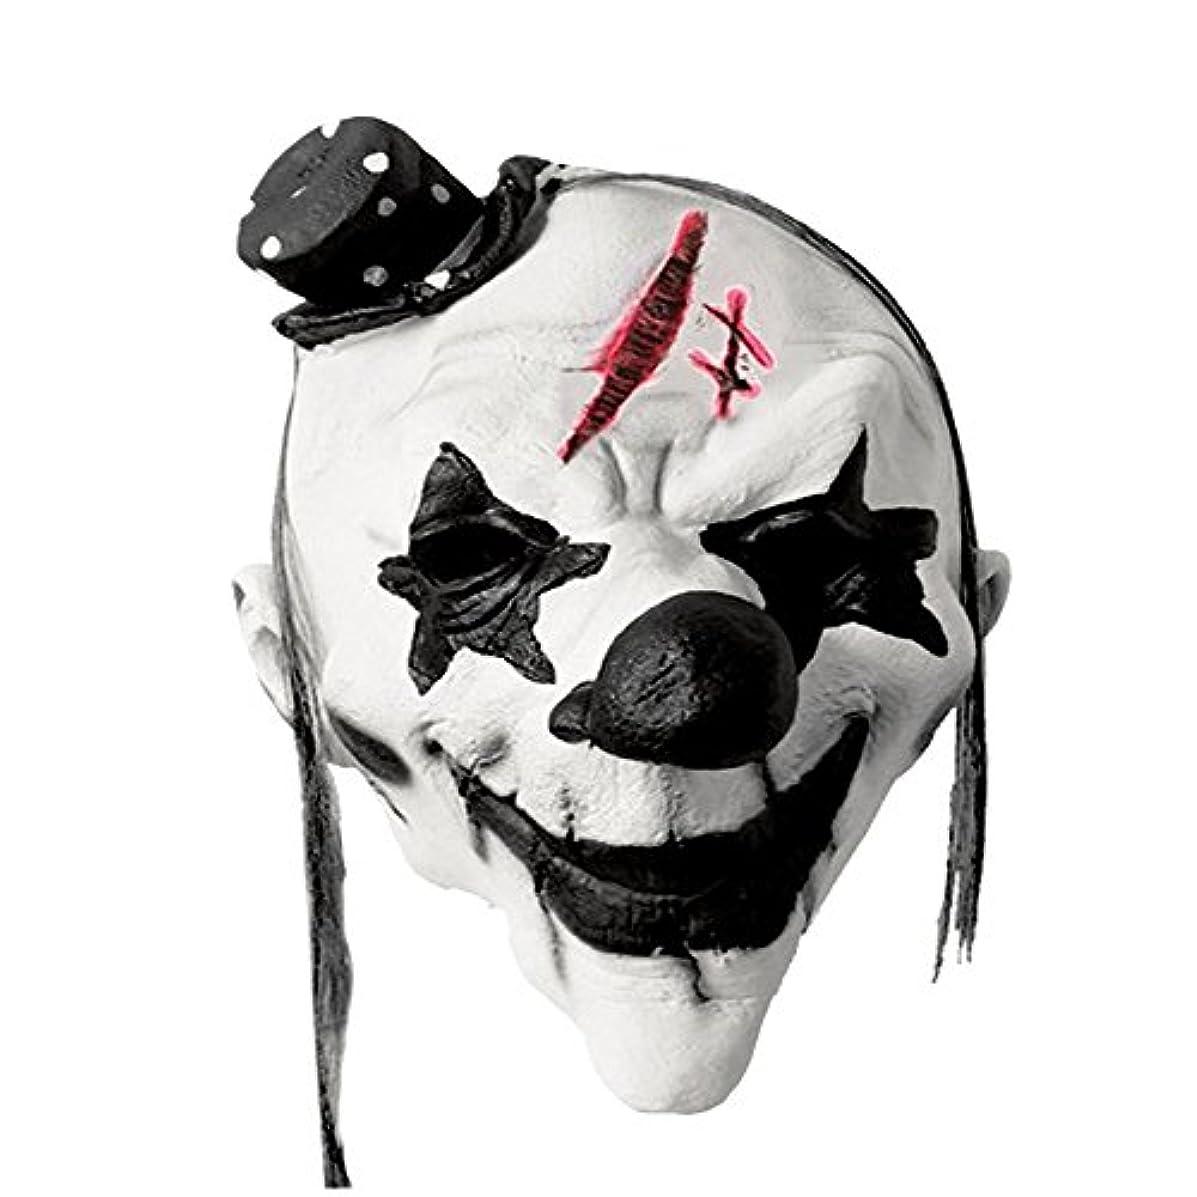 続編コーン近似ハロウィン黒と白のピエロマスク/なりすましホラーマスクウエディングパフォーマンスショードレスアップ小道具ピエロマスク